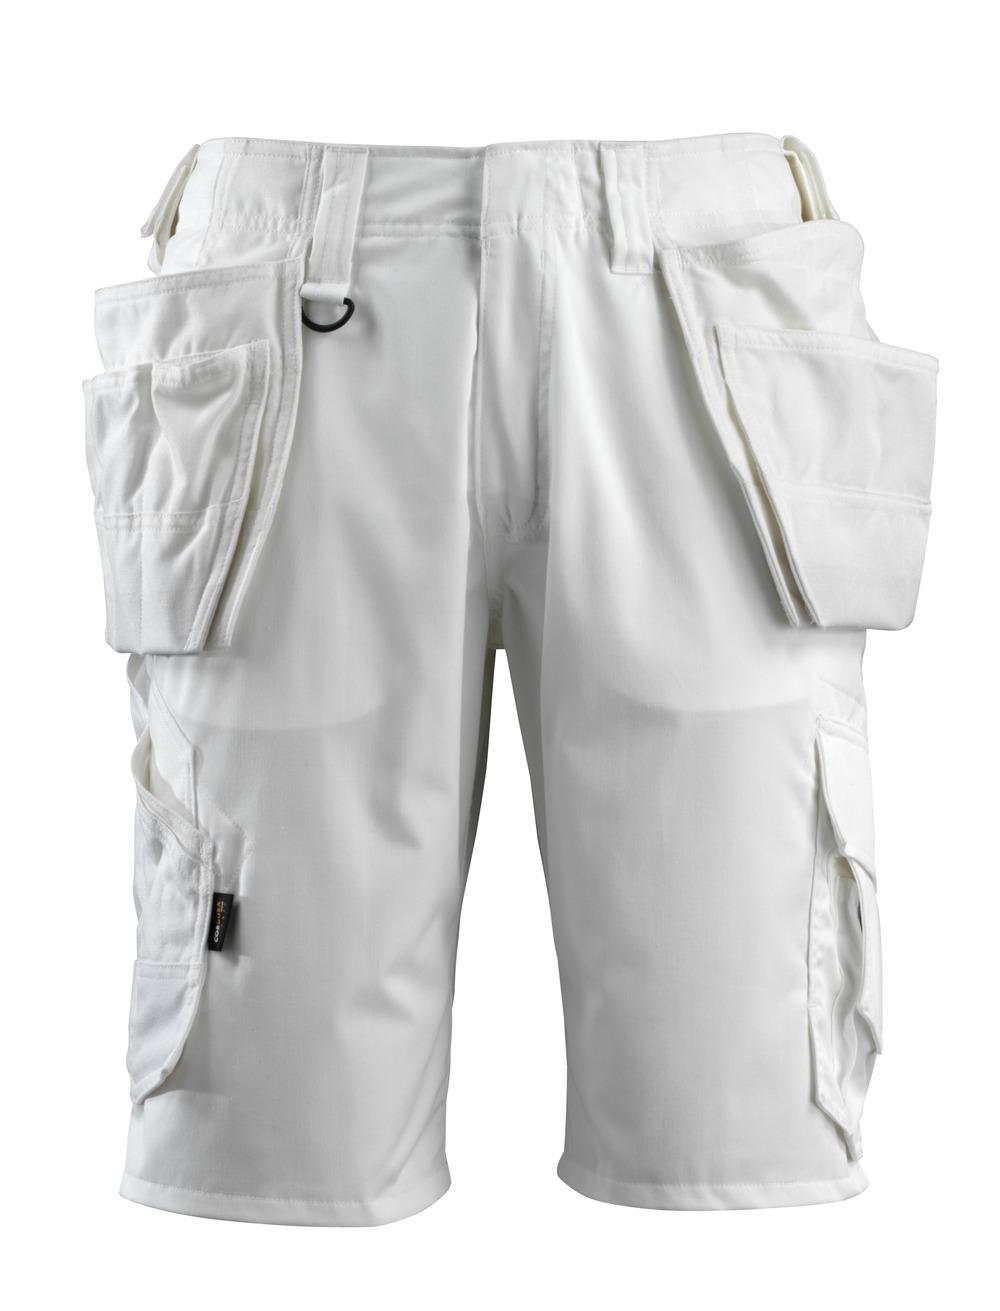 16049-230-06 Shorts med hengelommer - hvit